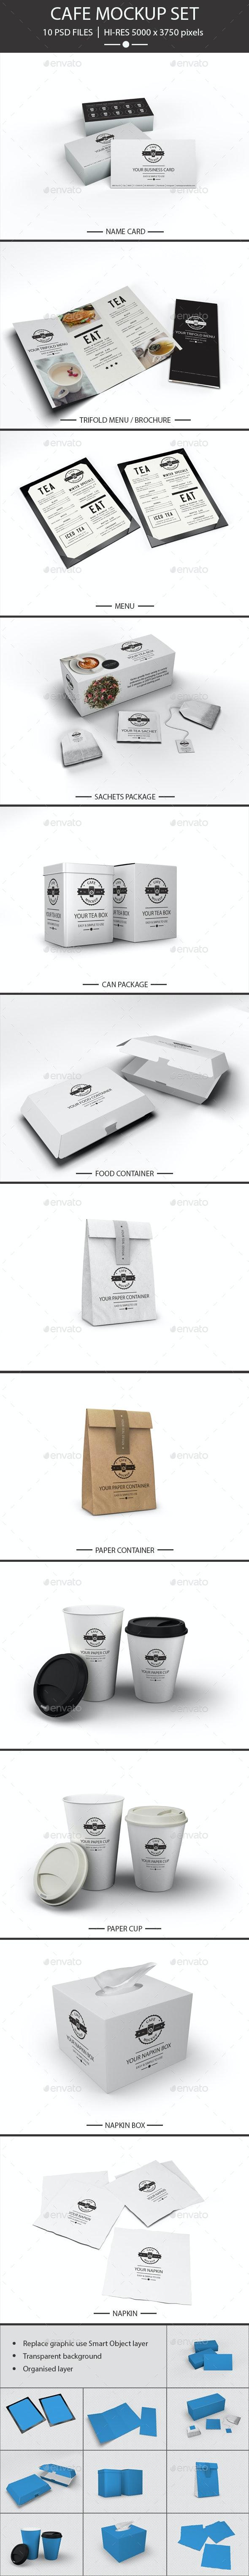 Cafe Restaurant Set Mockup - Product Mock-Ups Graphics